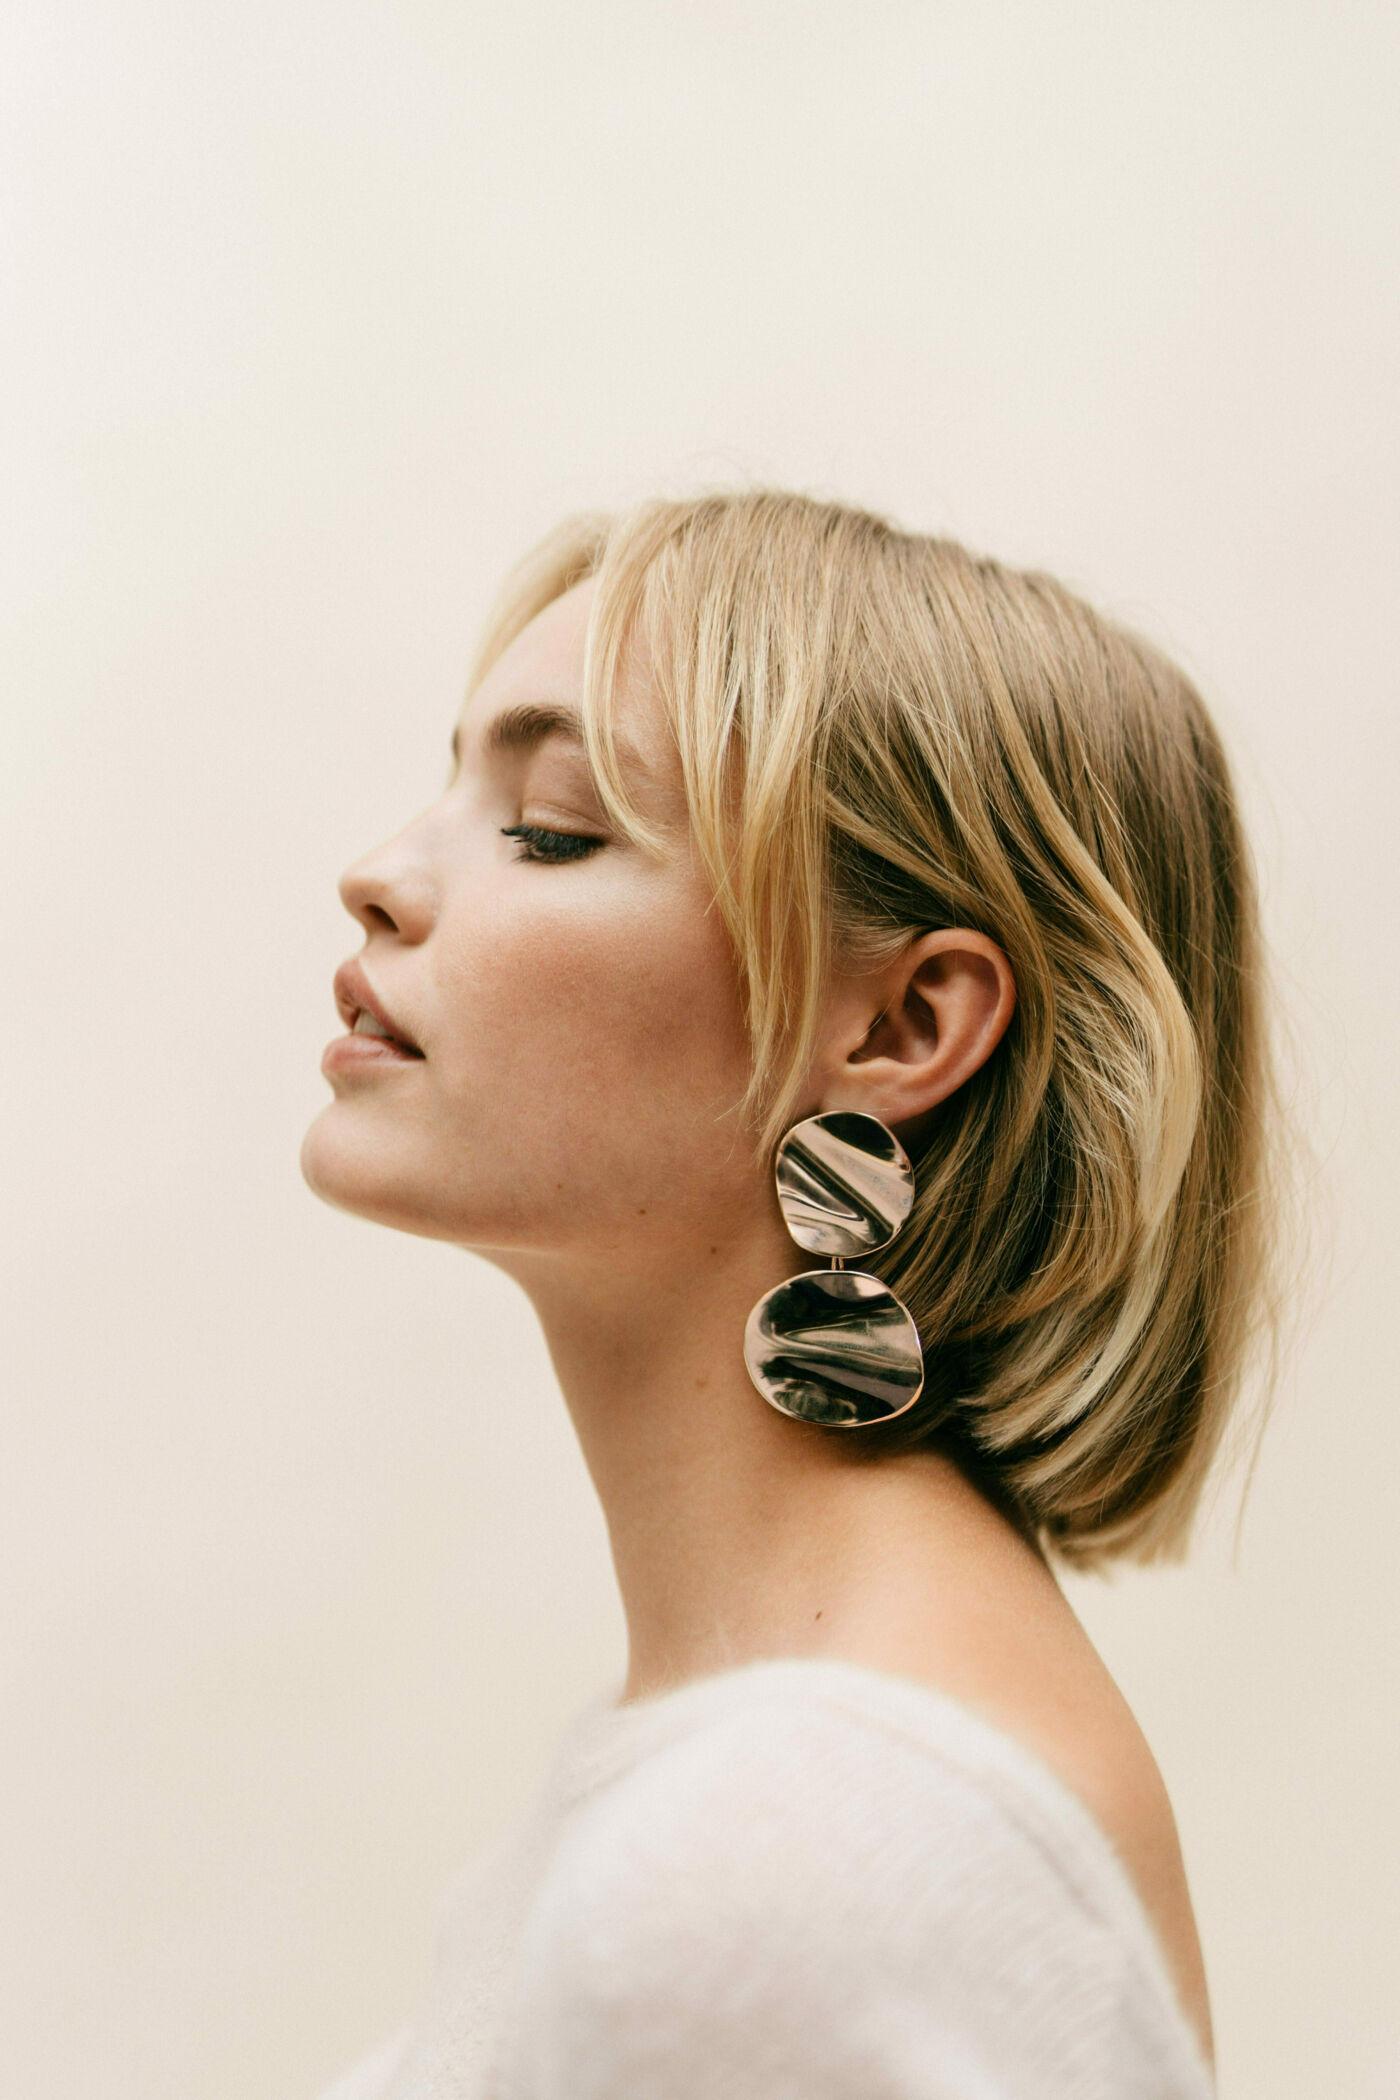 Double liquid earrings 2021 02 23 093910